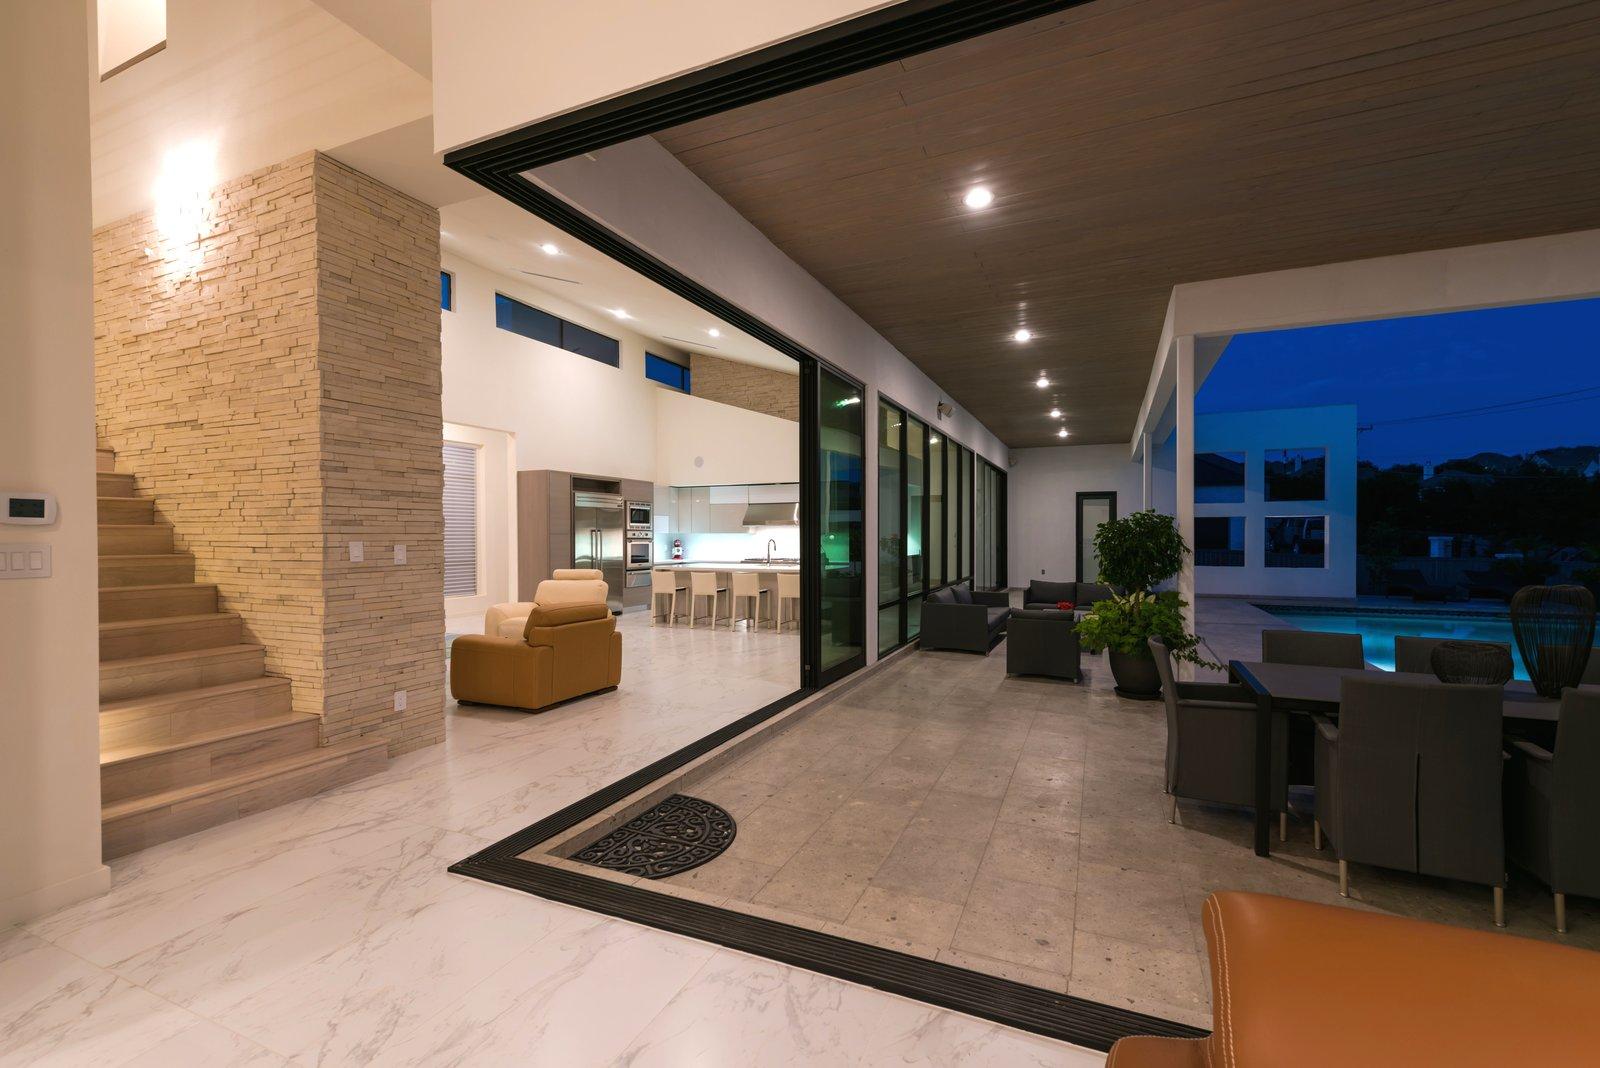 CORNER SLIDING GLASS DOORS  ORVANANOS HOUSE by OSCAR E FLORES DESIGN STUDIO